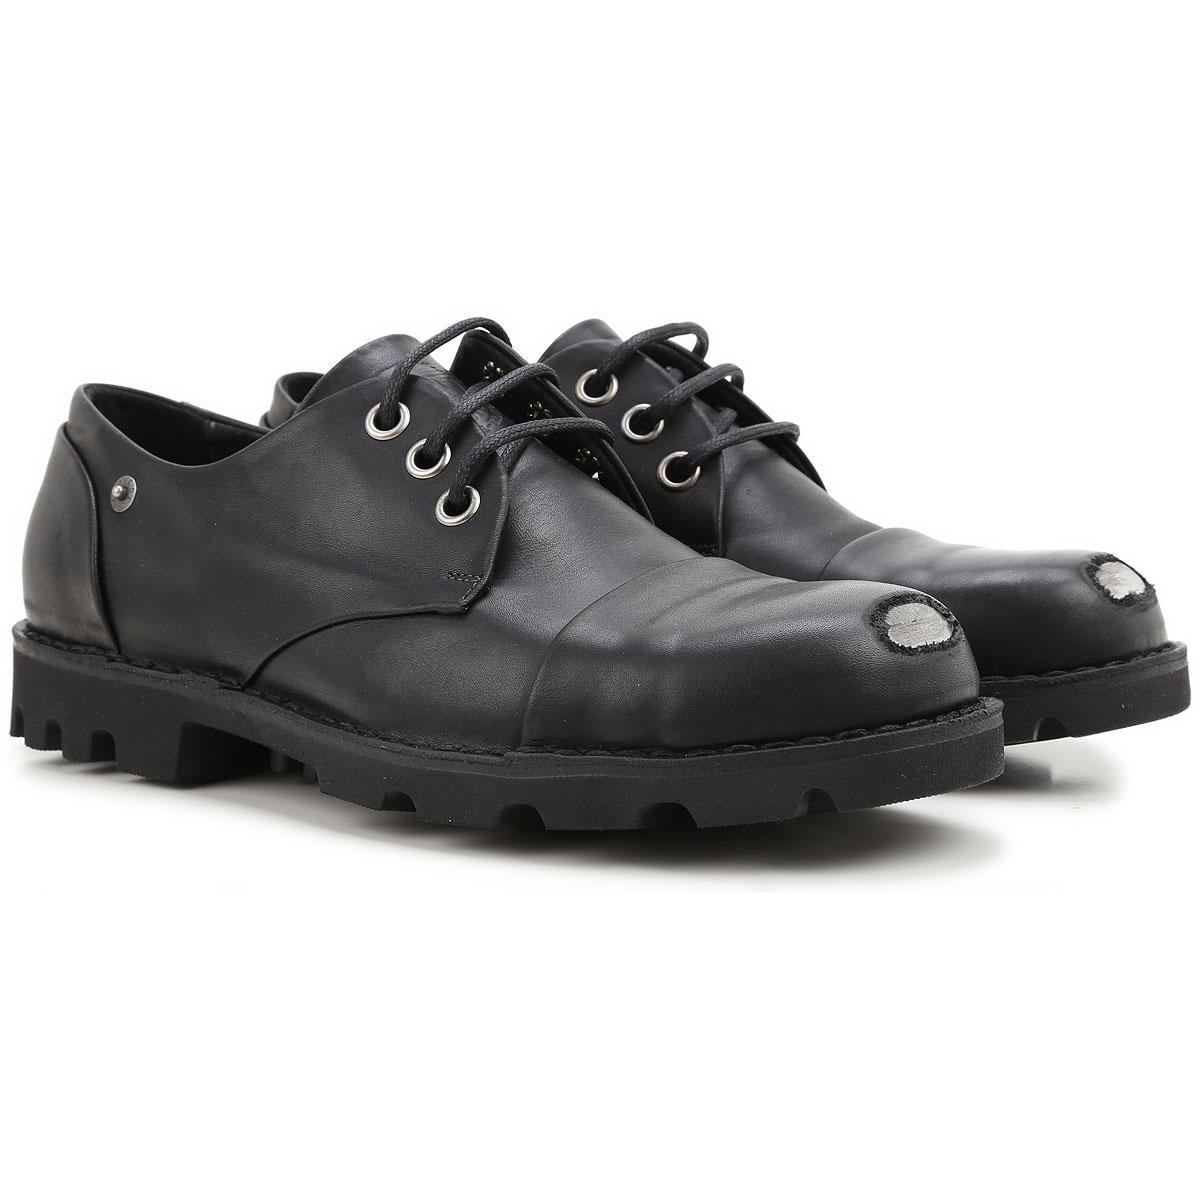 Mens Shoes Diesel, Style code: y01355-p1028-t8013